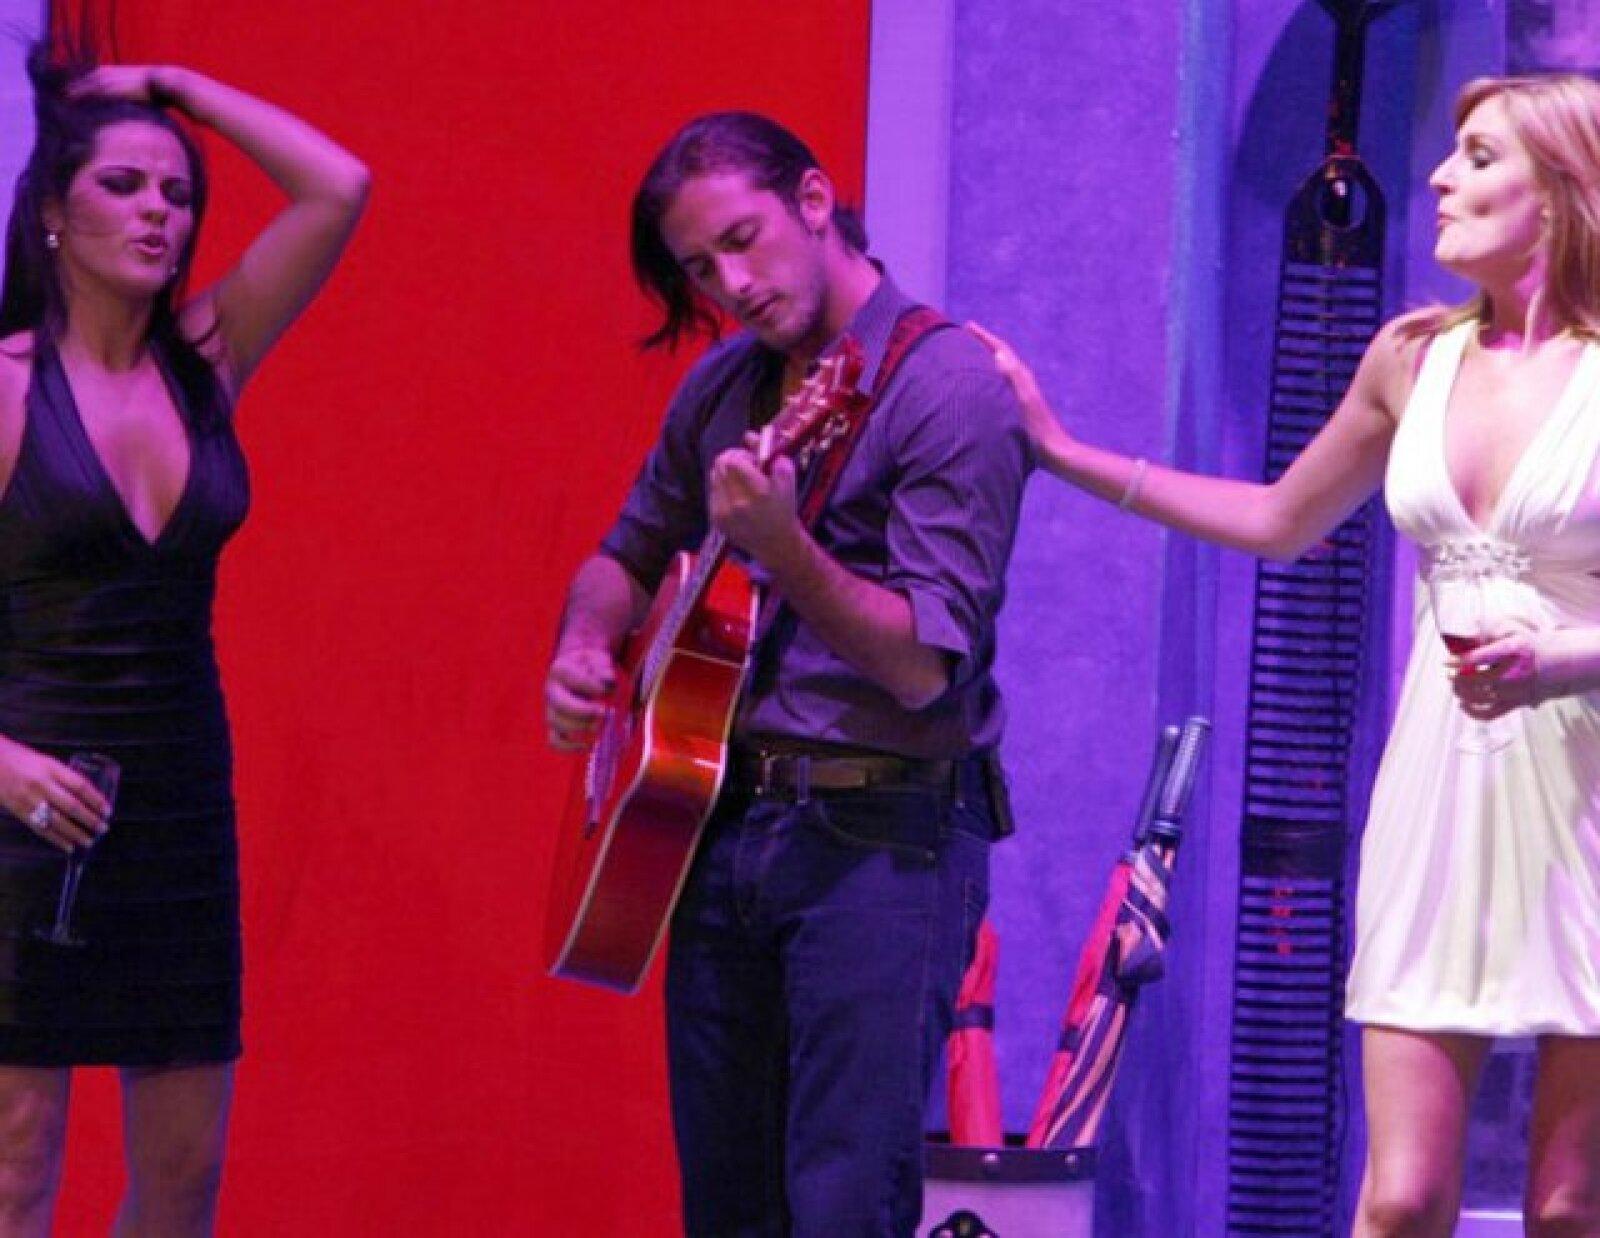 Aquí Maite Perroni, Sebastián Zurita y Chantal Andere en el estreno de la obra Cena de Matrimonios.